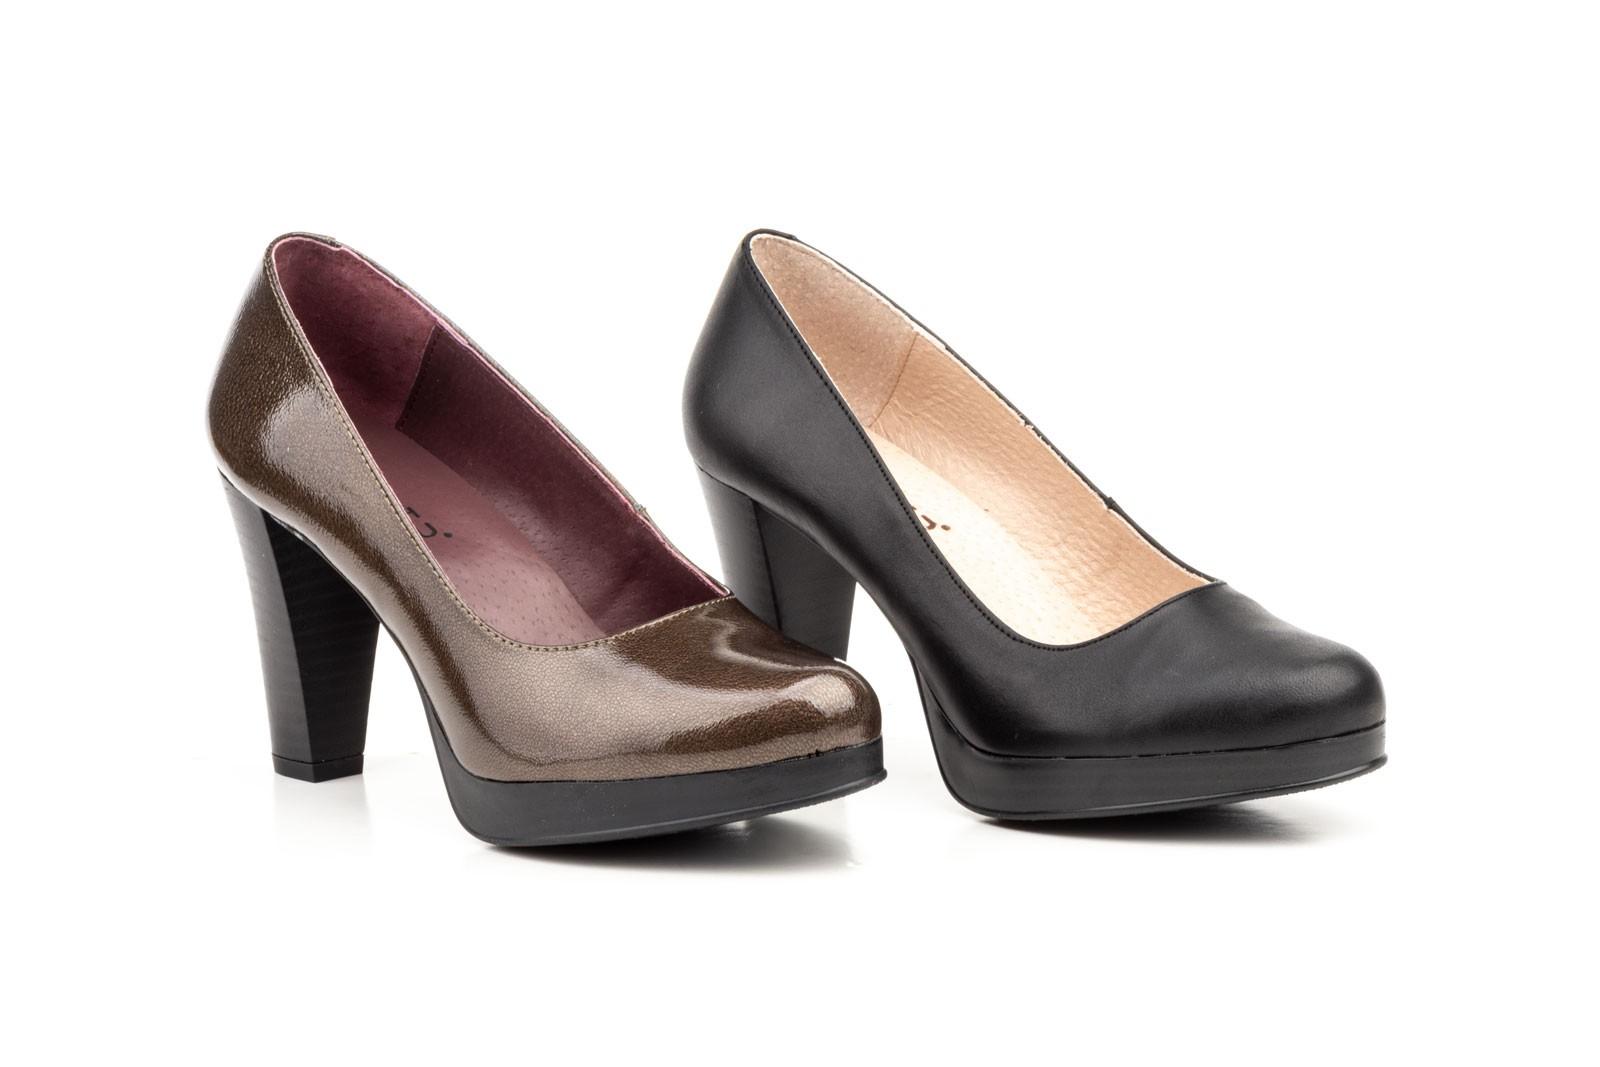 Negro y Mujer Zapatos Tacón Enzo Piel Salón Alto 59 Armento SHOES 3950 AGATHA qw6qTt